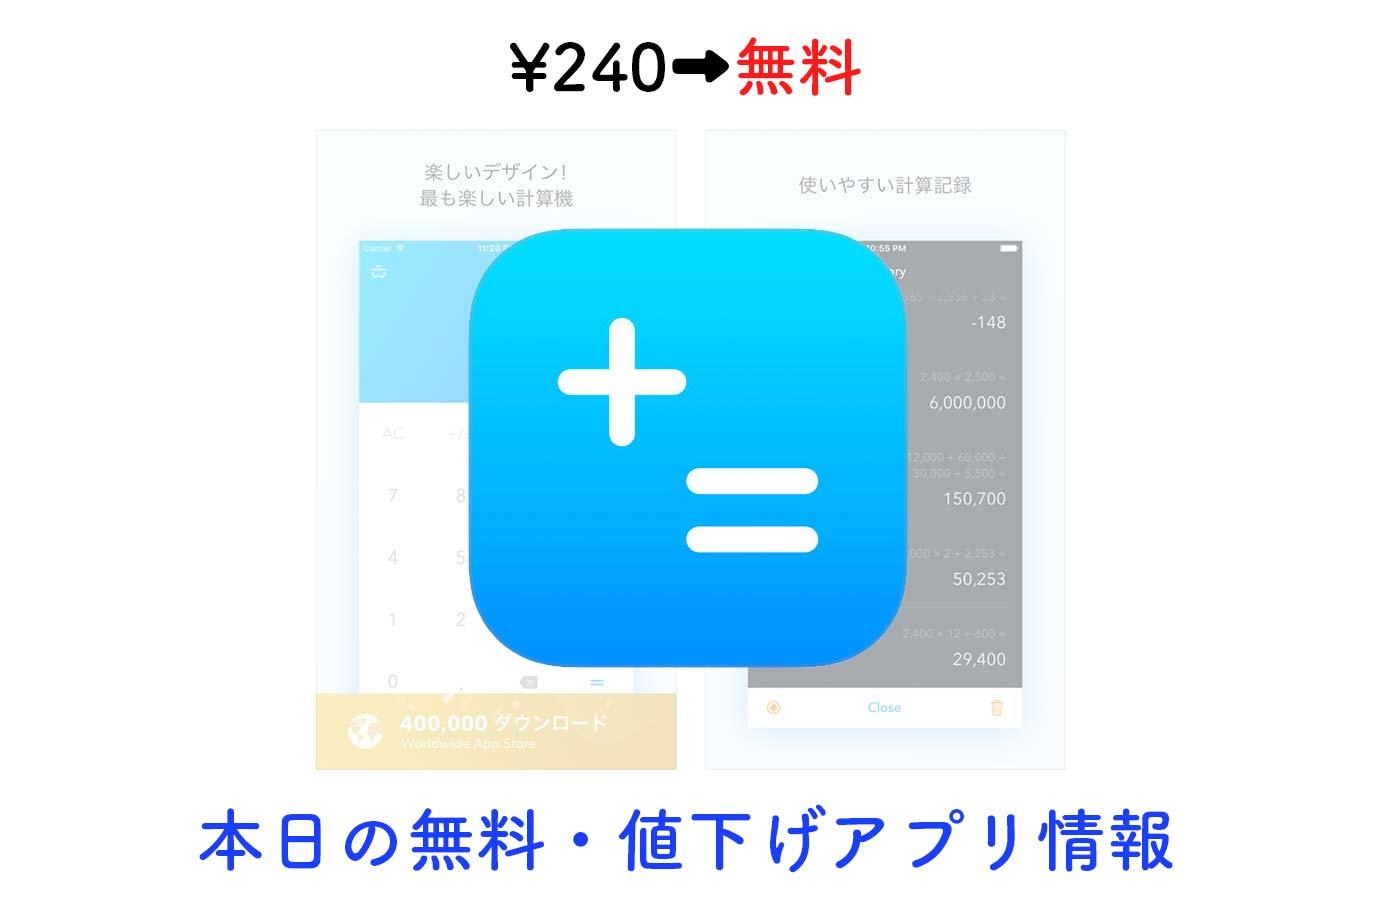 ¥240→無料、計算履歴が確認できる電卓アプリ「基本的な電卓 Pro」など【9/16】本日の無料・値下げアプリ情報